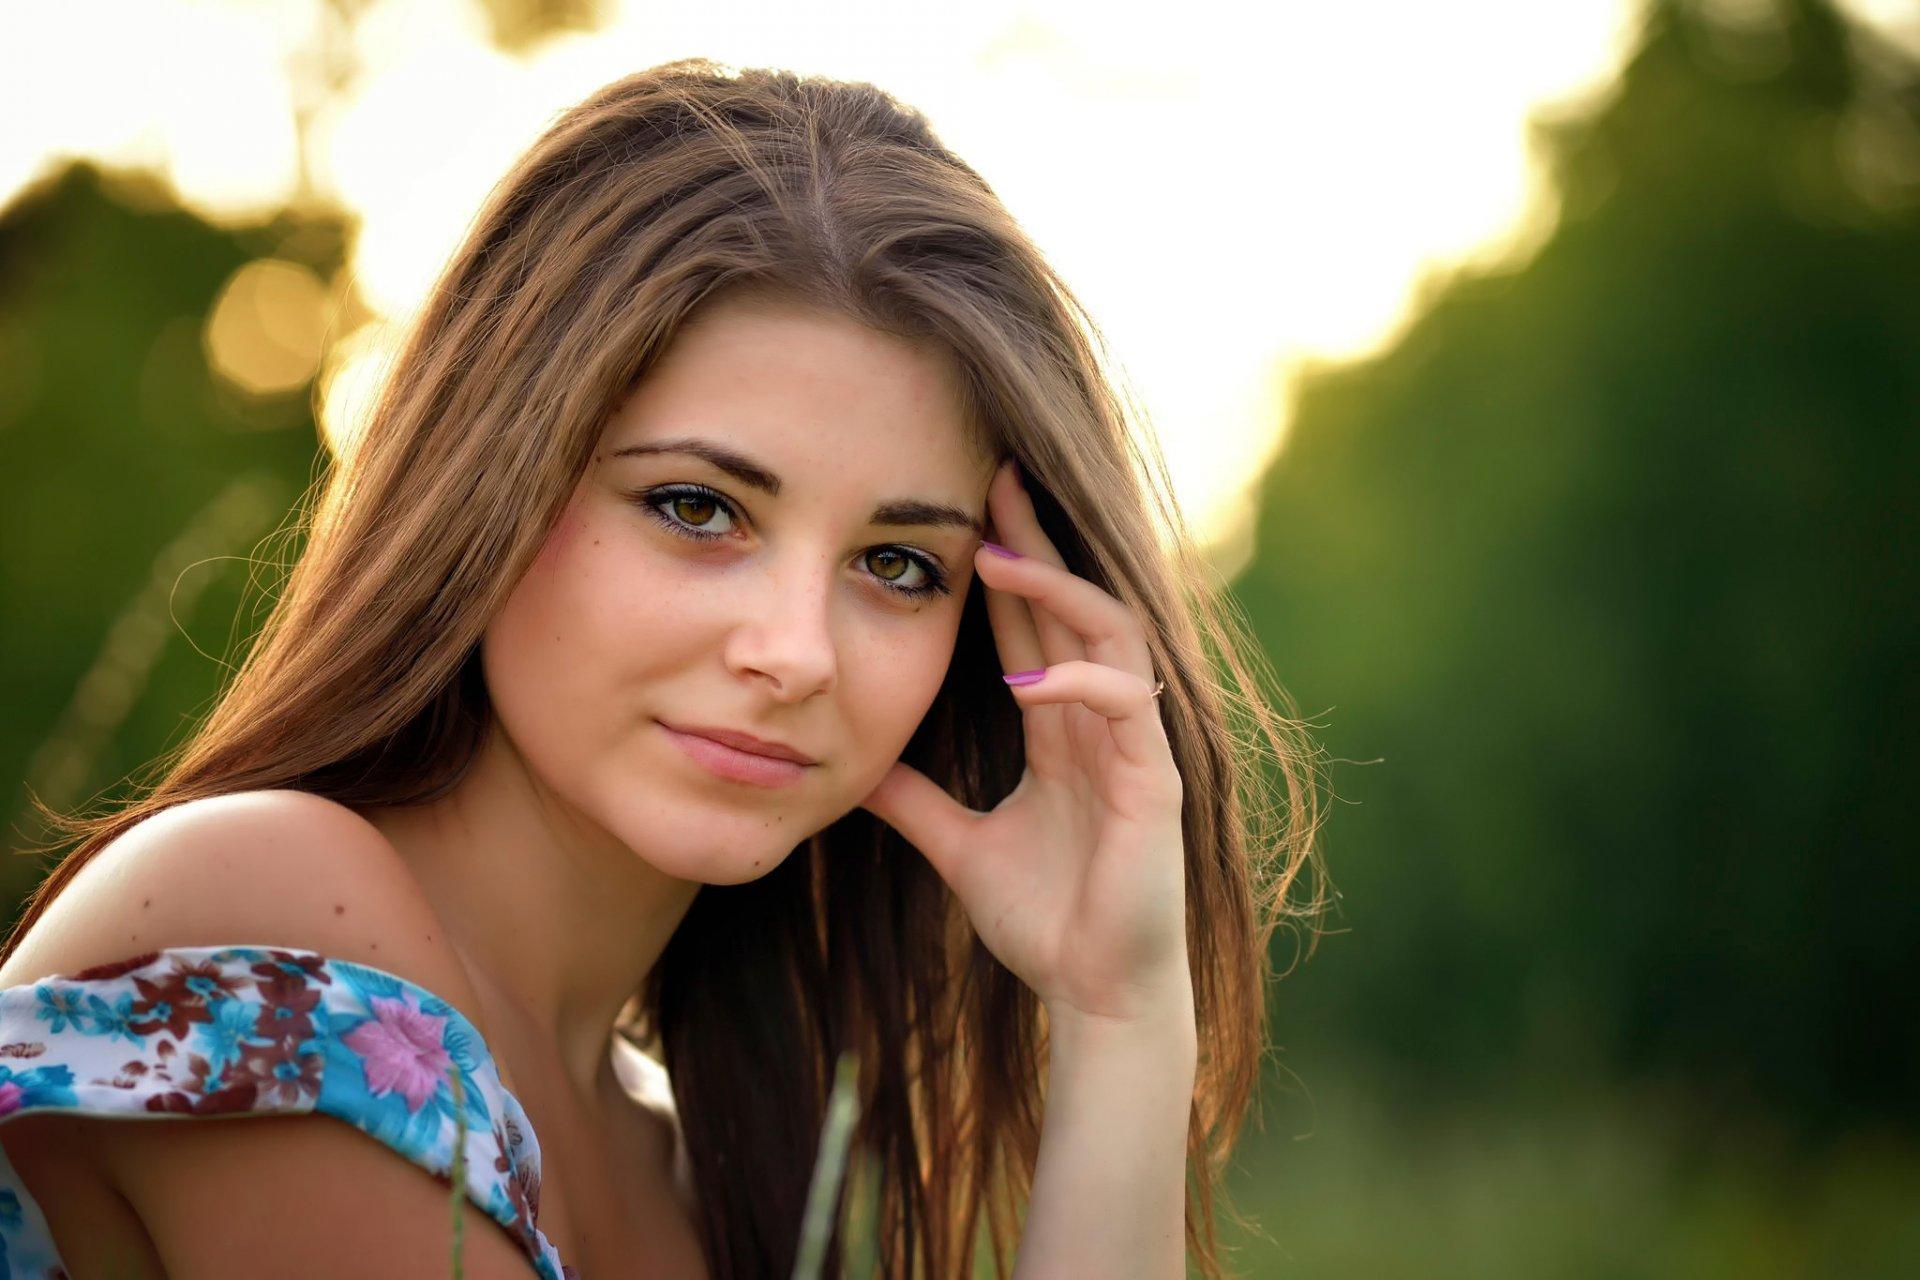 Красивая скромная девушка порнухой